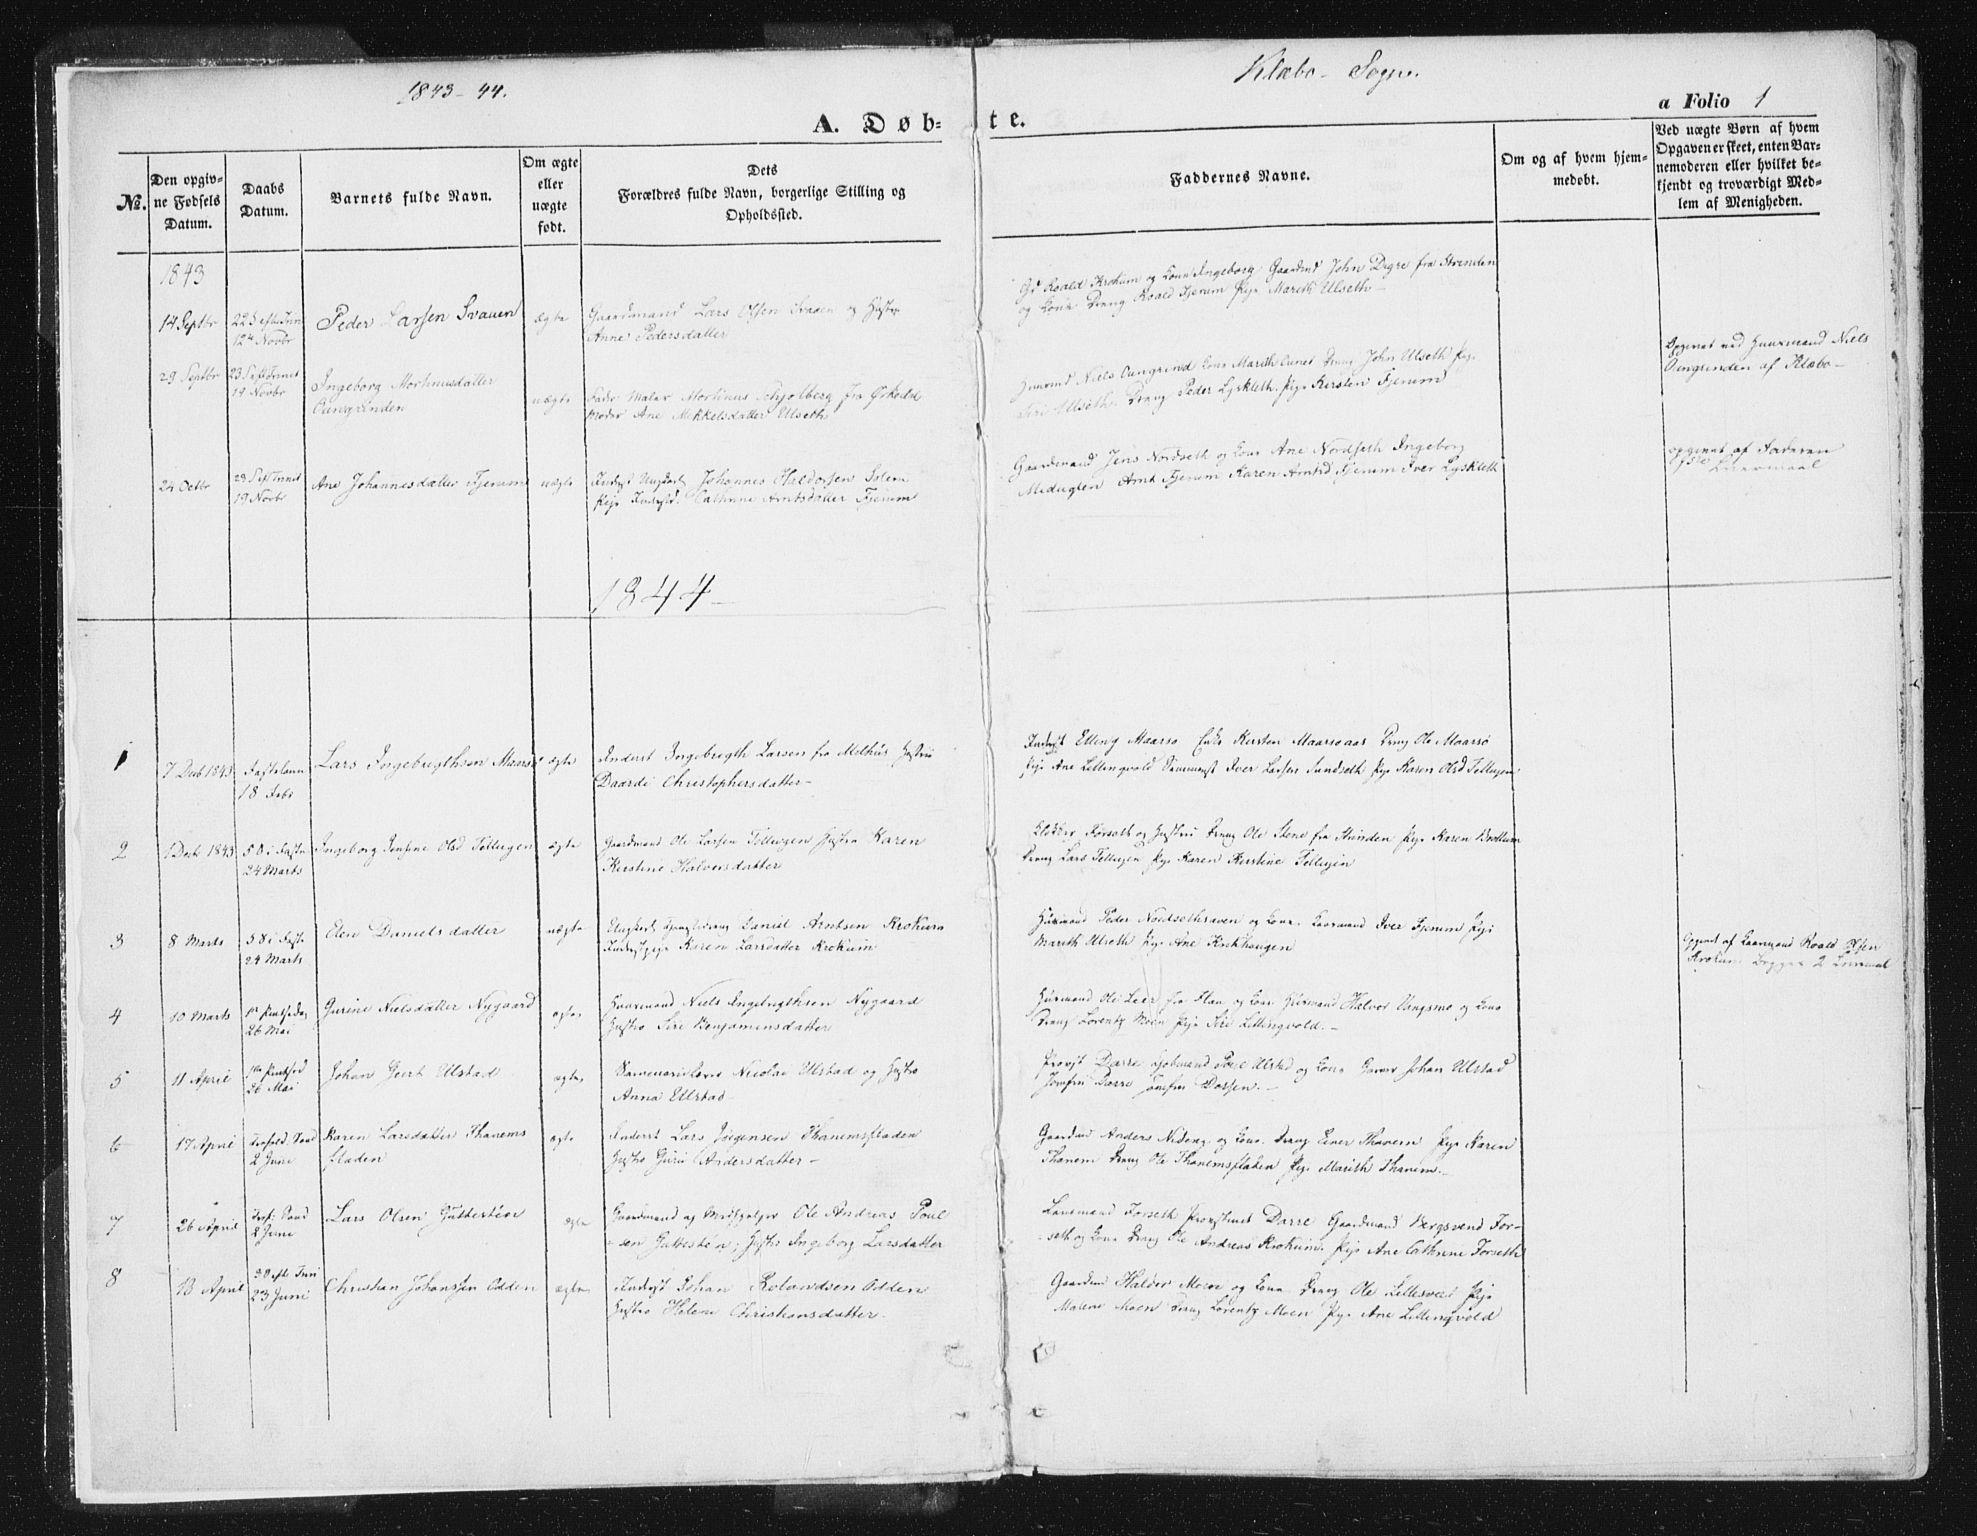 SAT, Ministerialprotokoller, klokkerbøker og fødselsregistre - Sør-Trøndelag, 618/L0441: Ministerialbok nr. 618A05, 1843-1862, s. 1